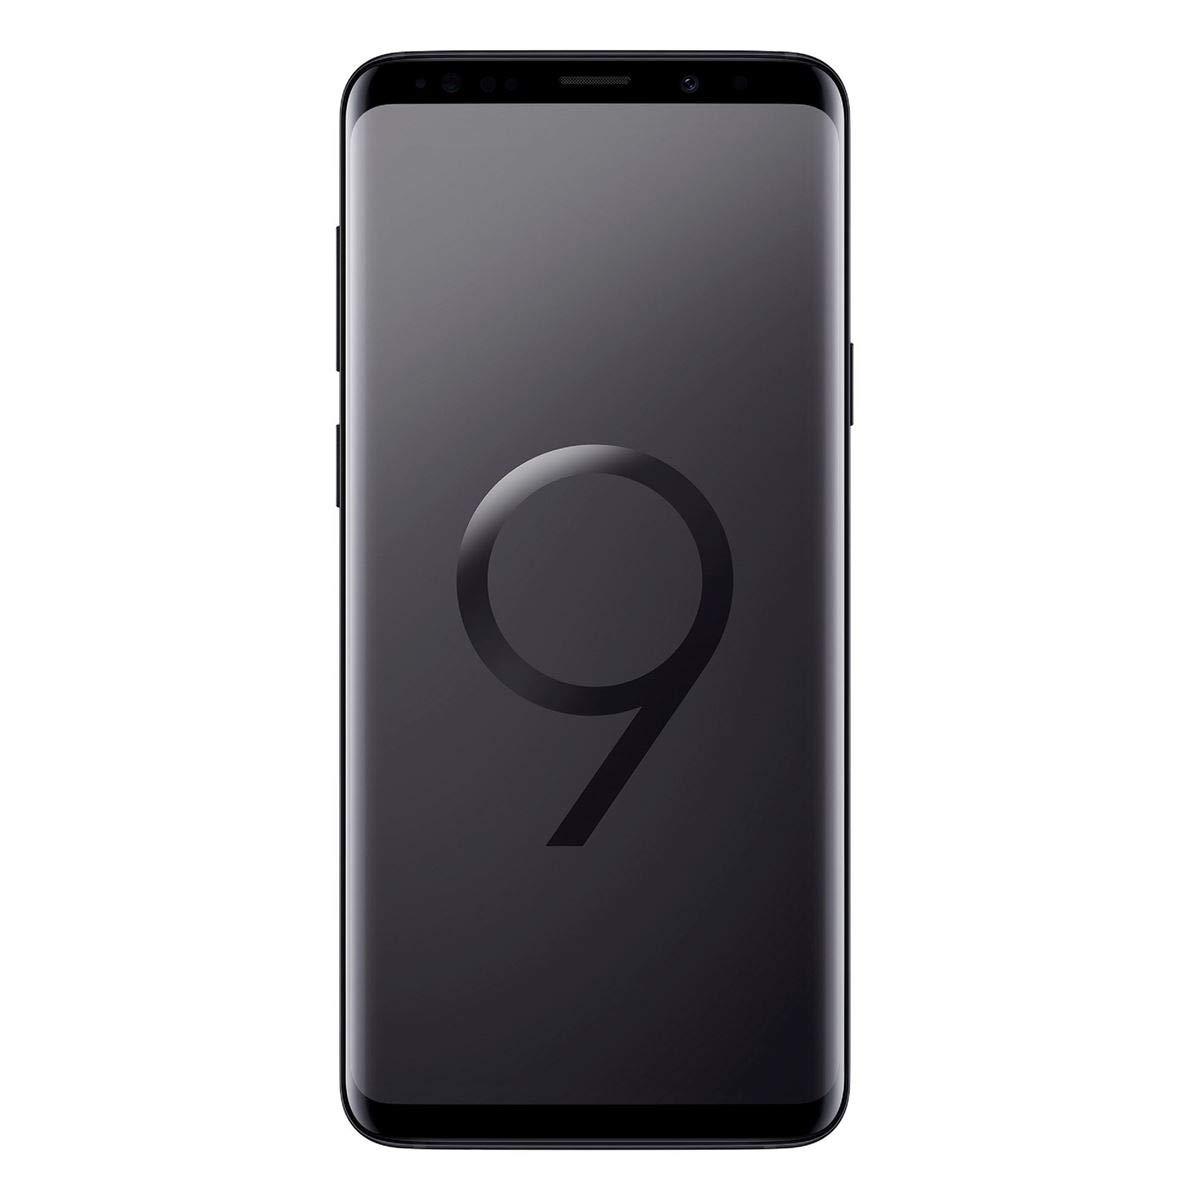 Samsung Galaxy S9 Smartphone (5,8 Zoll (14,7cm) 64GB interner Speicher, Dual SIM)